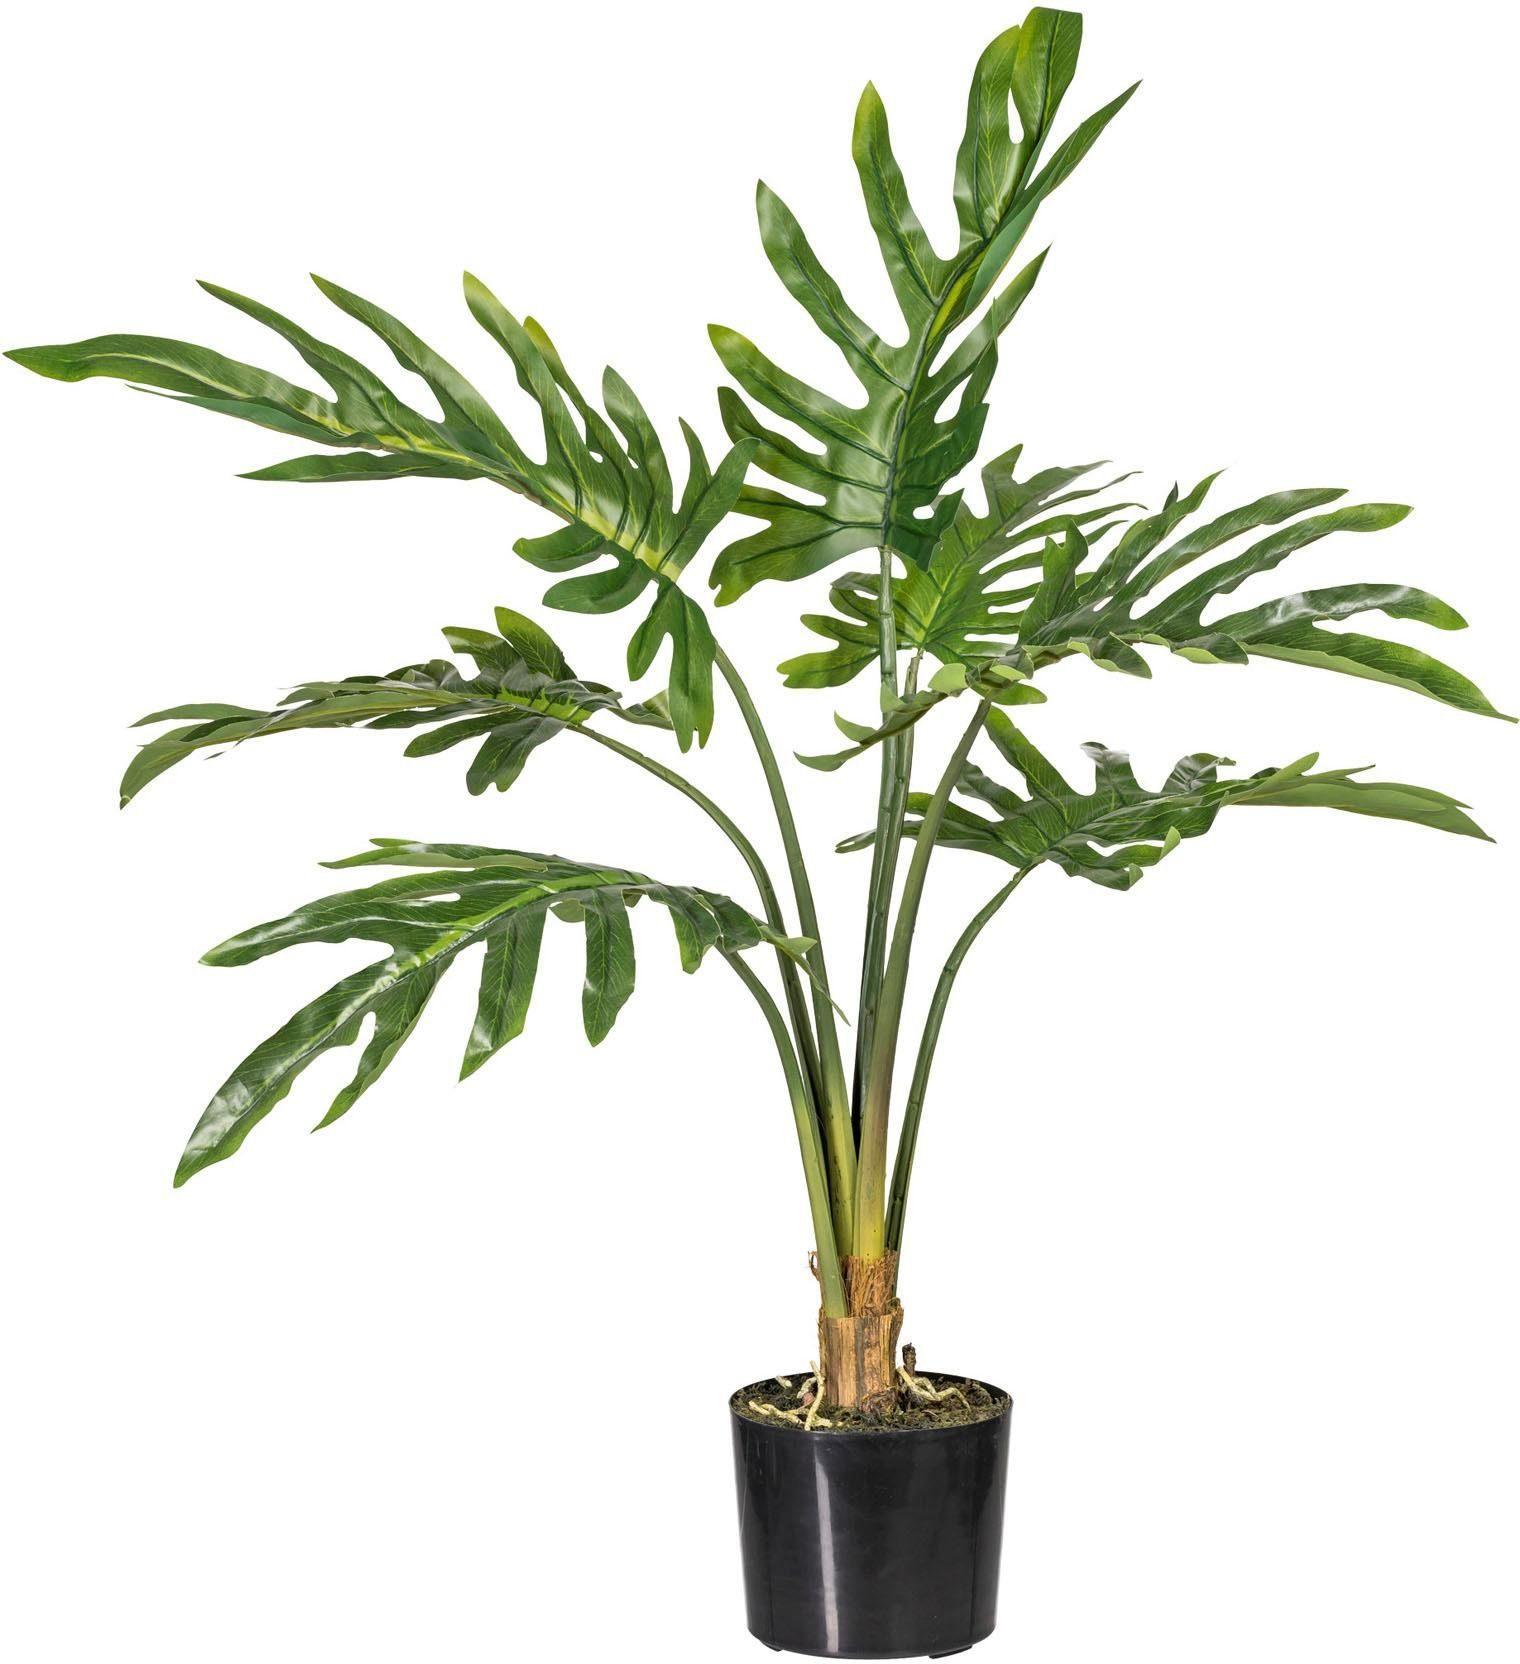 Künstliche Zimmerpflanze »Philodendron« x7, ca. 90 cm